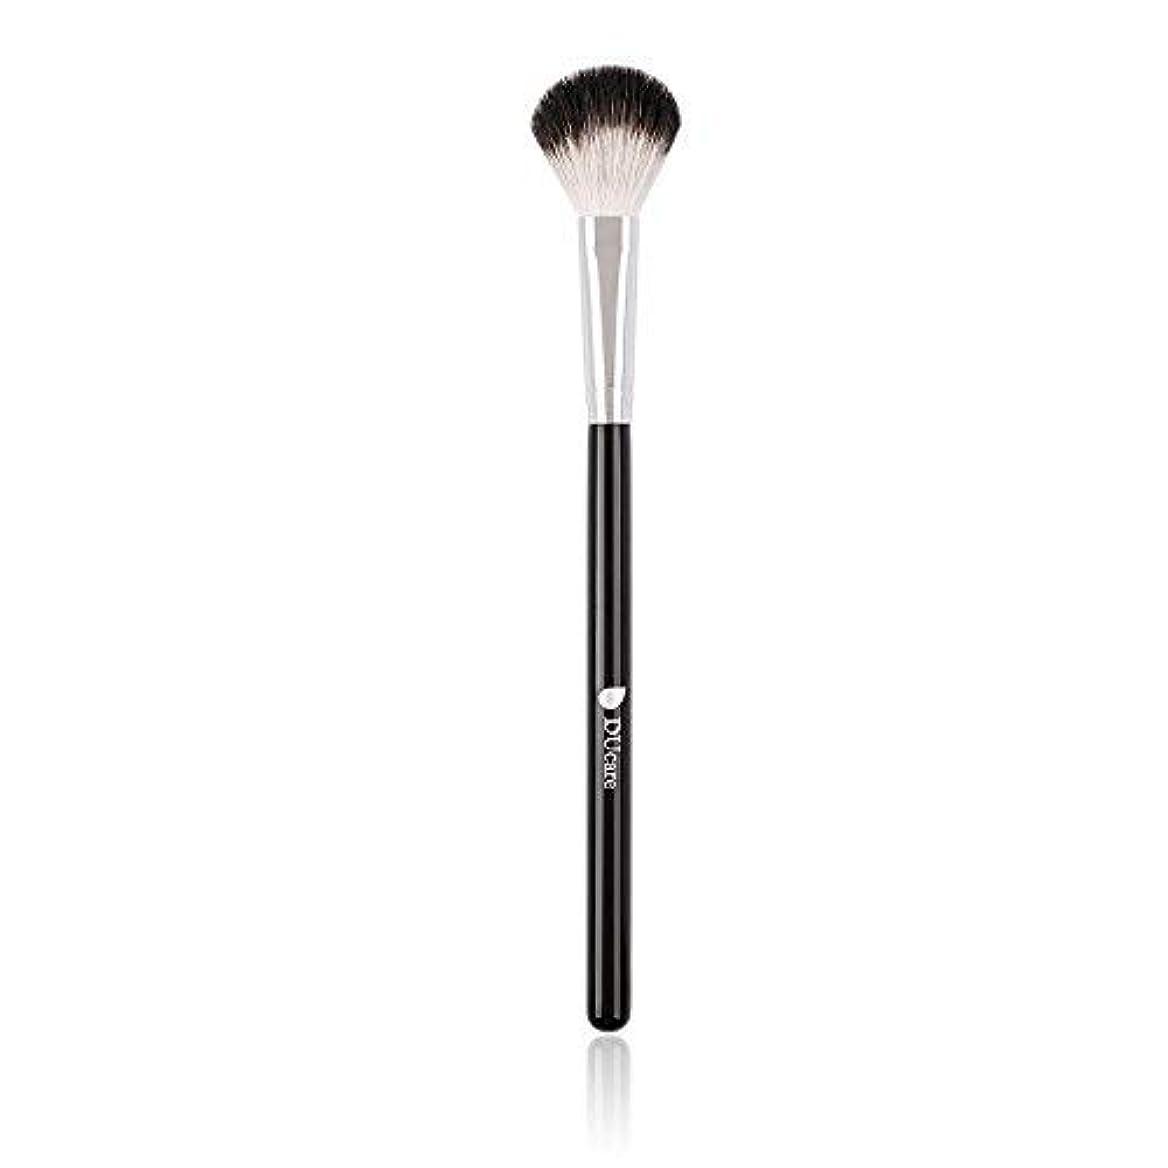 消費するピクニック夫DUcare 化粧筆 ハイライトブラシ 白尖峰を100%使用 ハイライト&チック&パウダー用